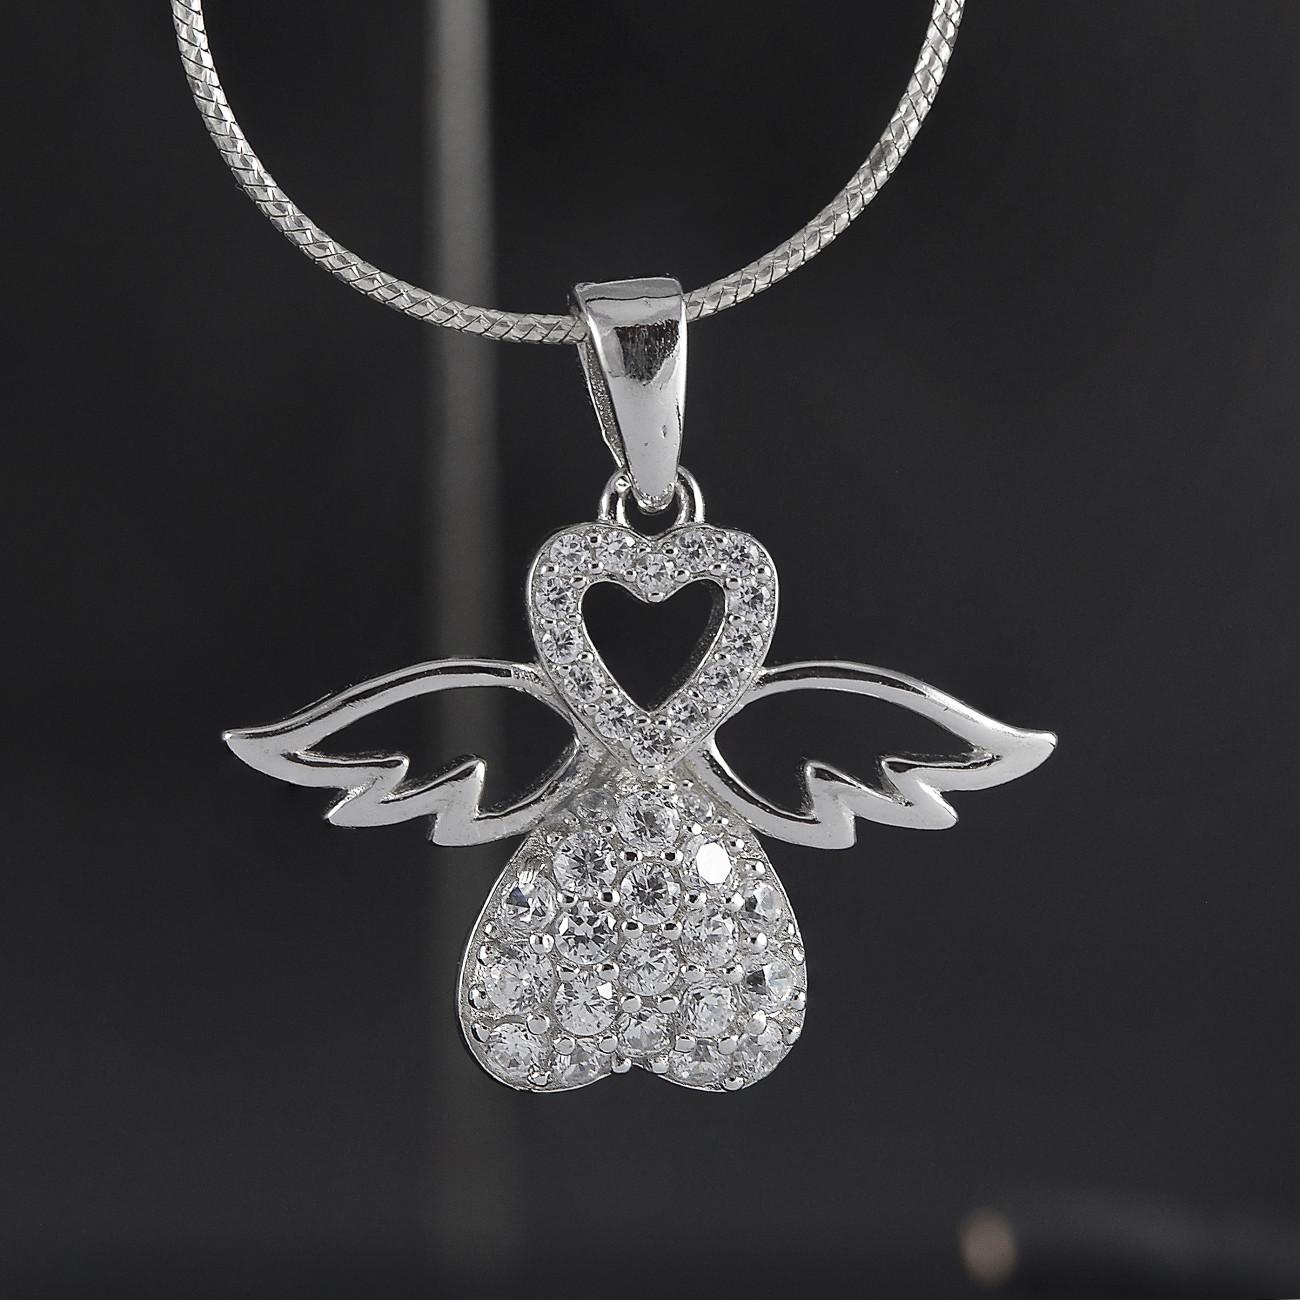 Luxusní, stříbrný přívěsek anděl strážný se srdíčky